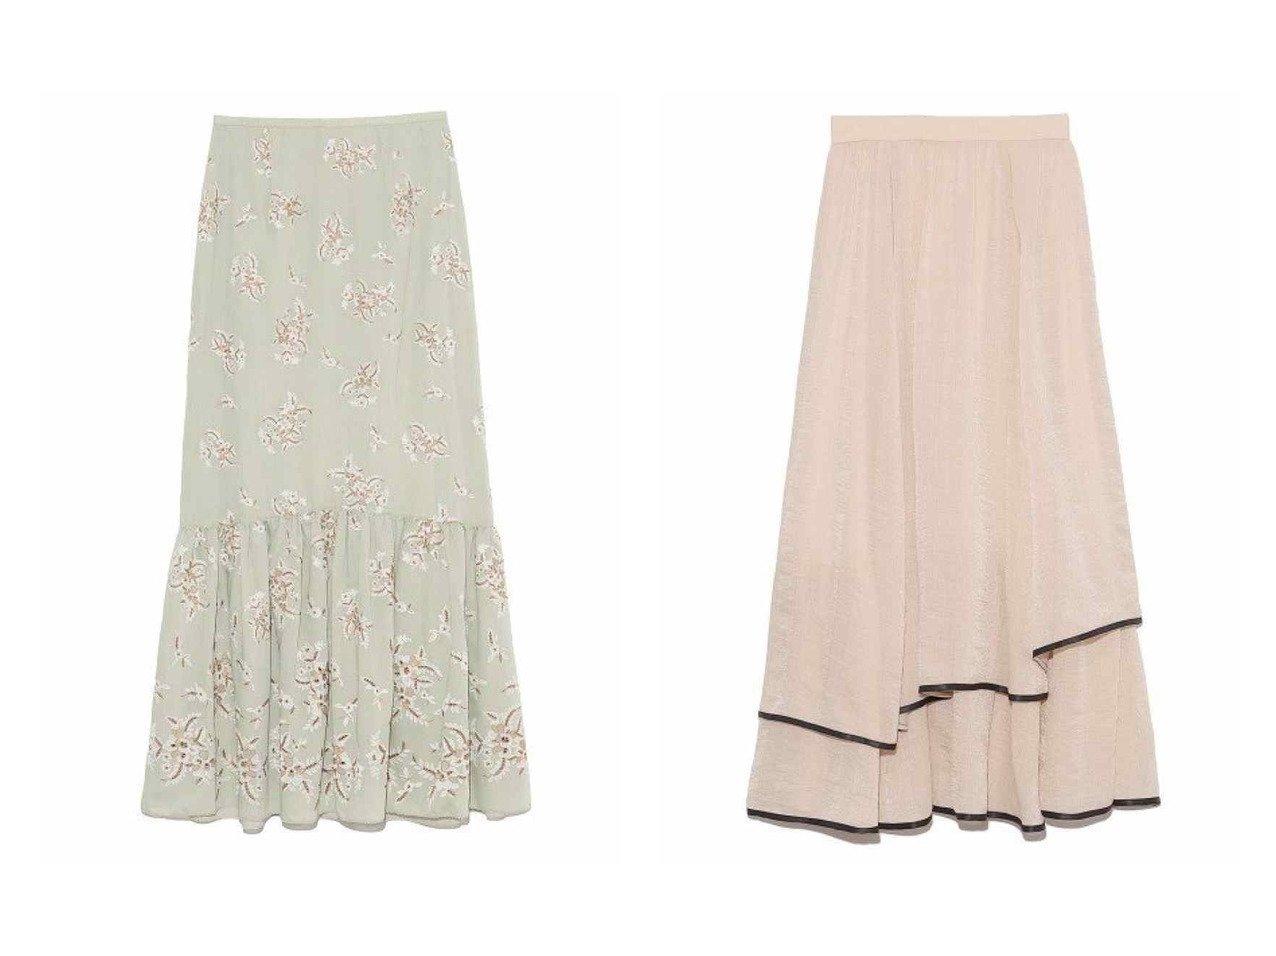 【Lily Brown/リリーブラウン】のフラワー刺繍ロングスカート&裾パイピングシフォンスカート スカートのおすすめ!人気、トレンド・レディースファッションの通販  おすすめで人気の流行・トレンド、ファッションの通販商品 メンズファッション・キッズファッション・インテリア・家具・レディースファッション・服の通販 founy(ファニー) https://founy.com/ ファッション Fashion レディースファッション WOMEN スカート Skirt ロングスカート Long Skirt エレガント セットアップ バランス フラワー フレア マーメイド ロング 再入荷 Restock/Back in Stock/Re Arrival  ID:crp329100000010780